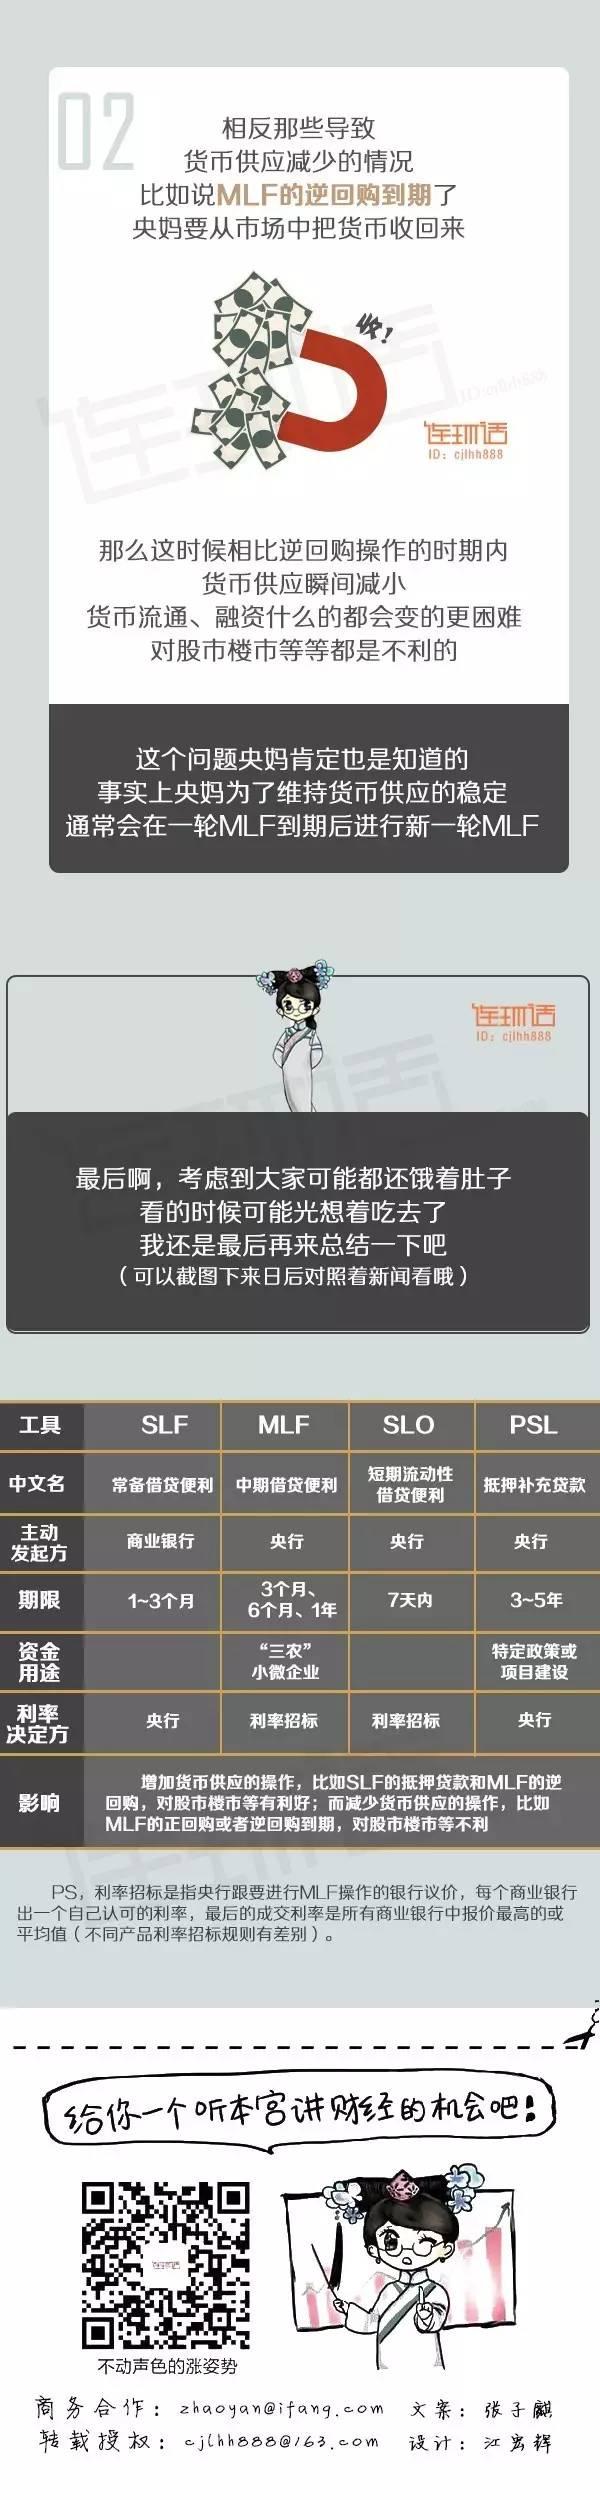 引用     一张图彻底看懂SLF、MLF、SLO、PSL - 李平兴 - 神明五极推手中心